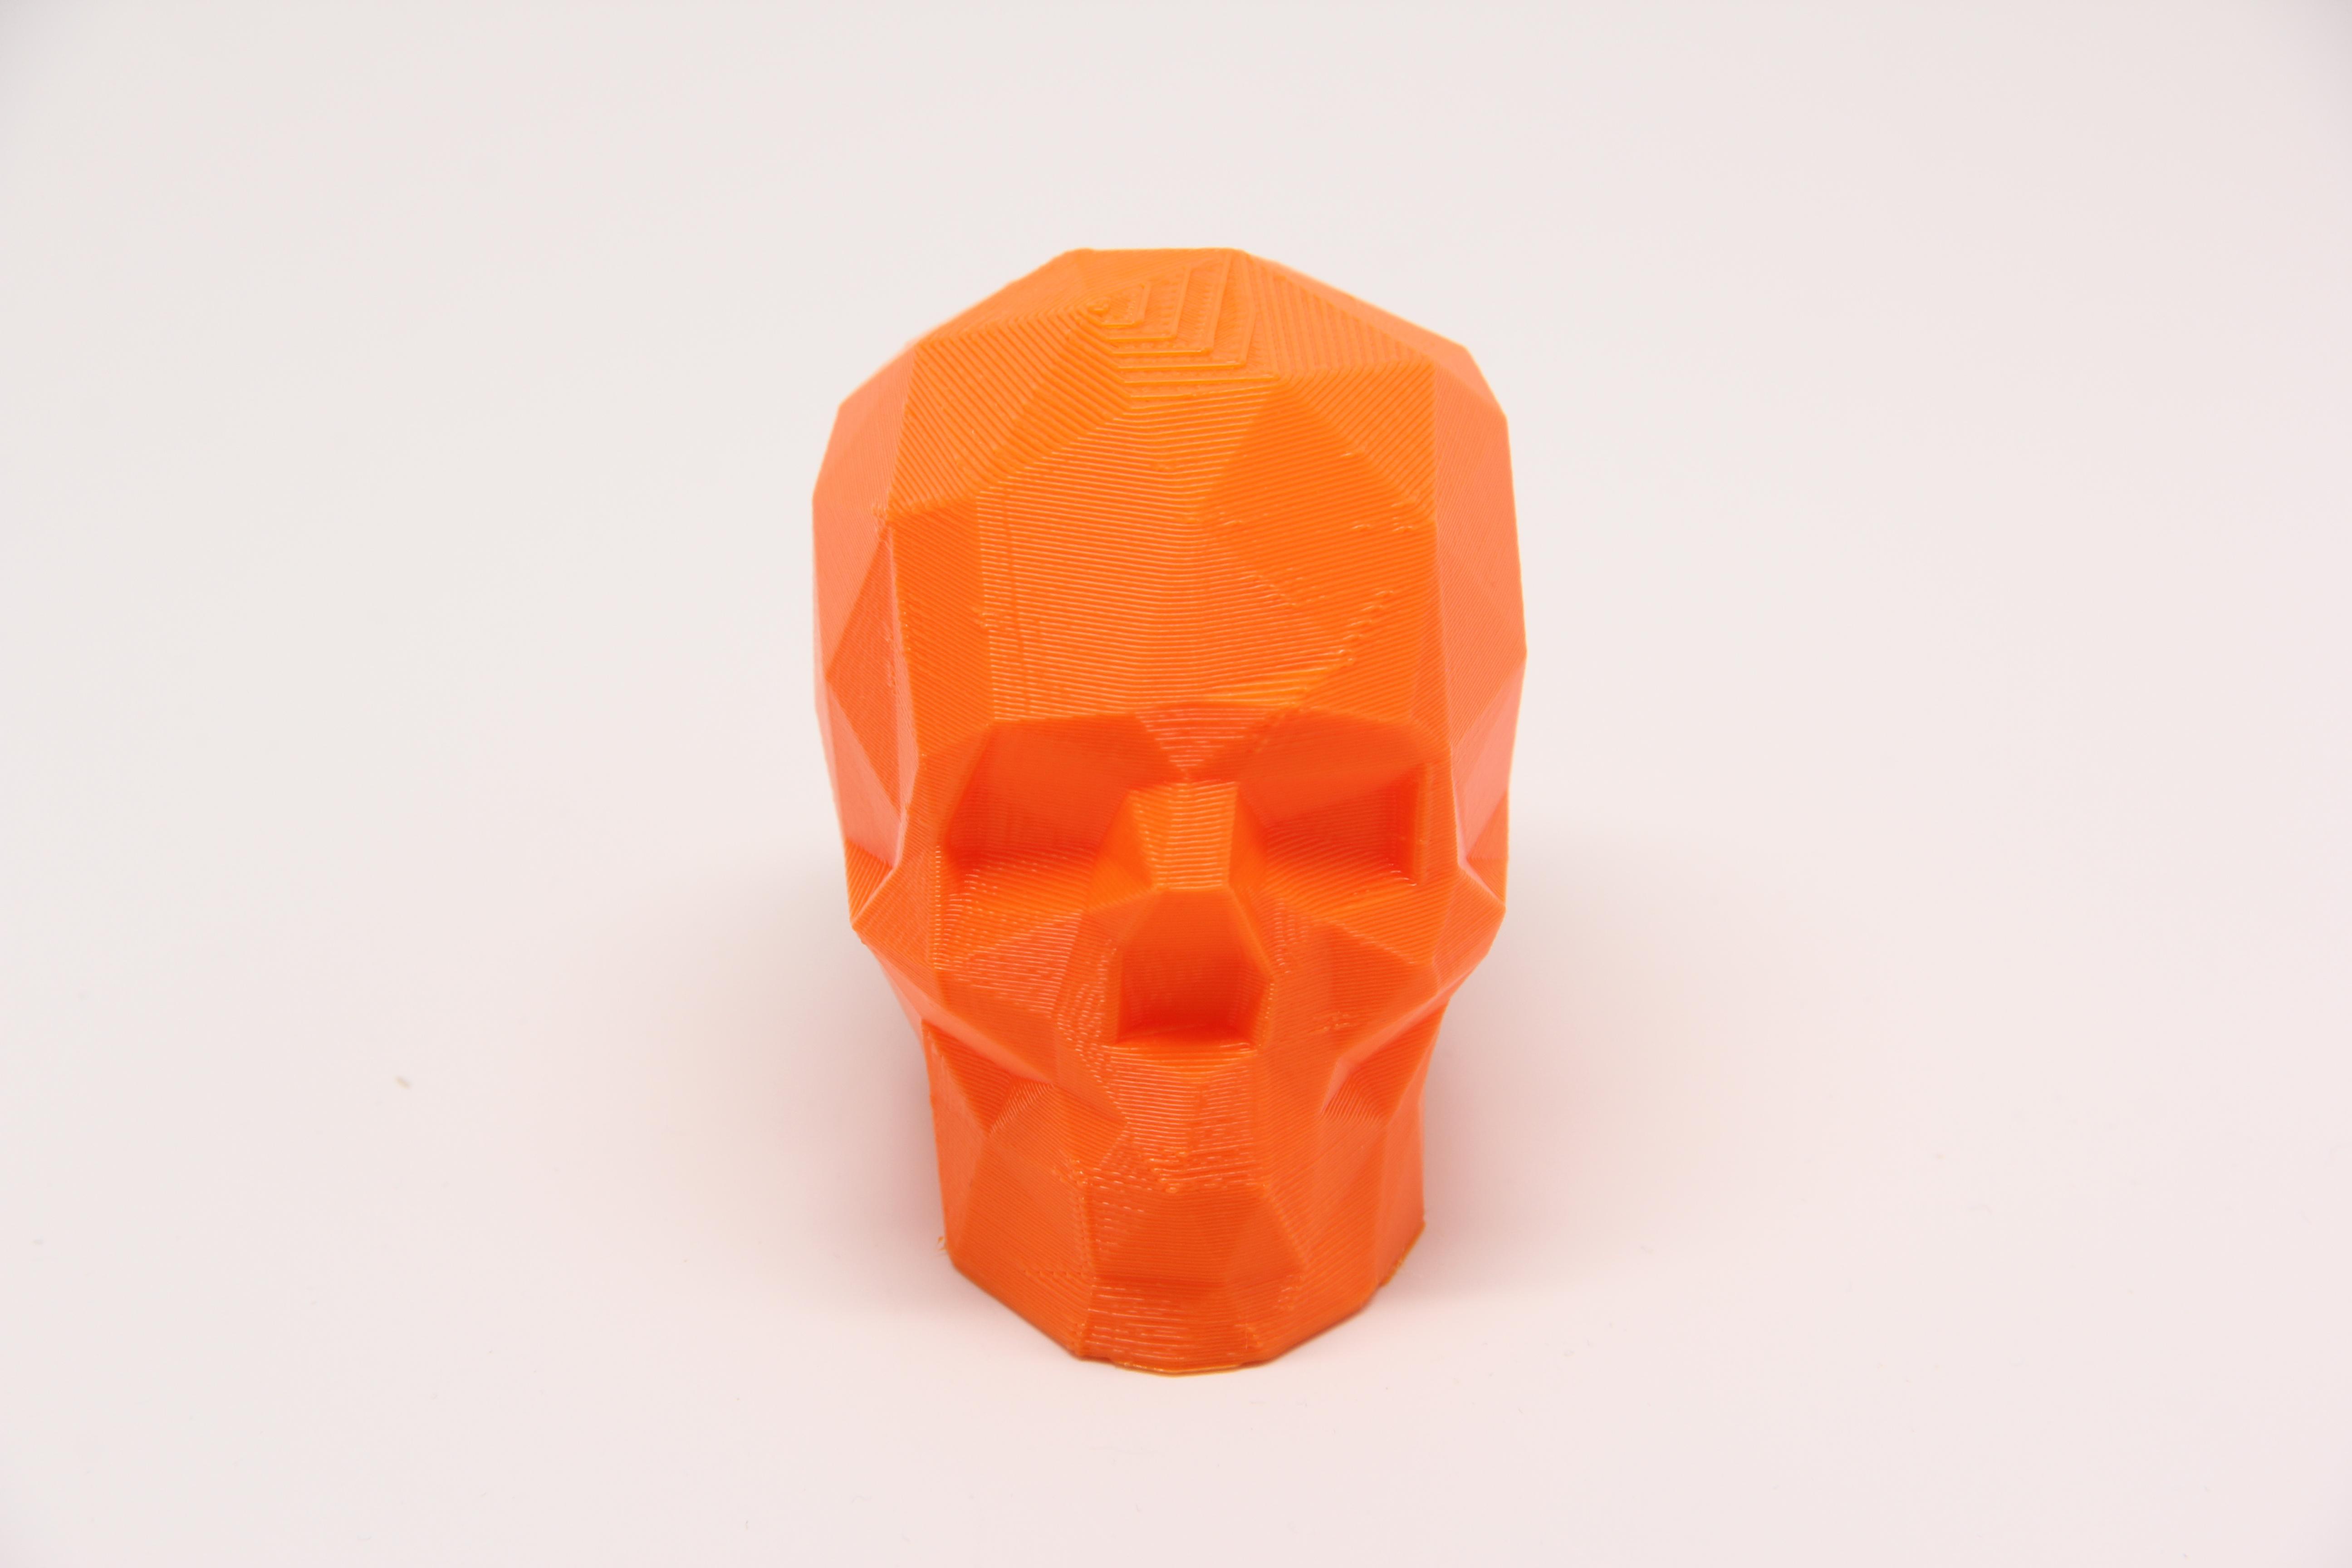 Low Poly Skull by slavikk - Thingiverse